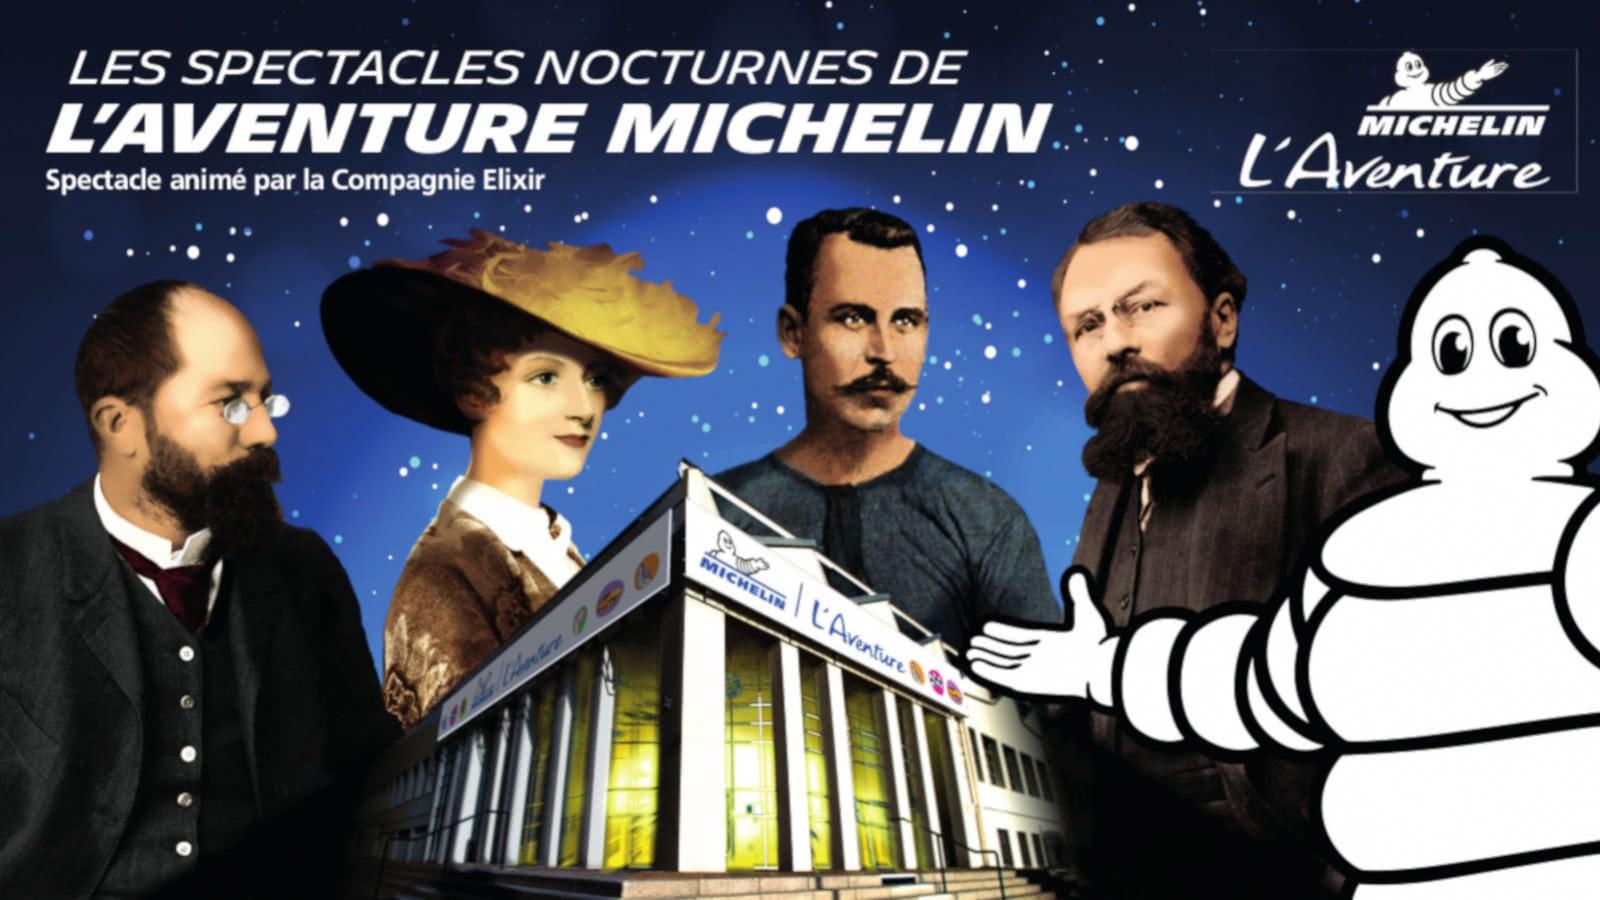 Les spectacles nocturnes de l'Aventure Michelin